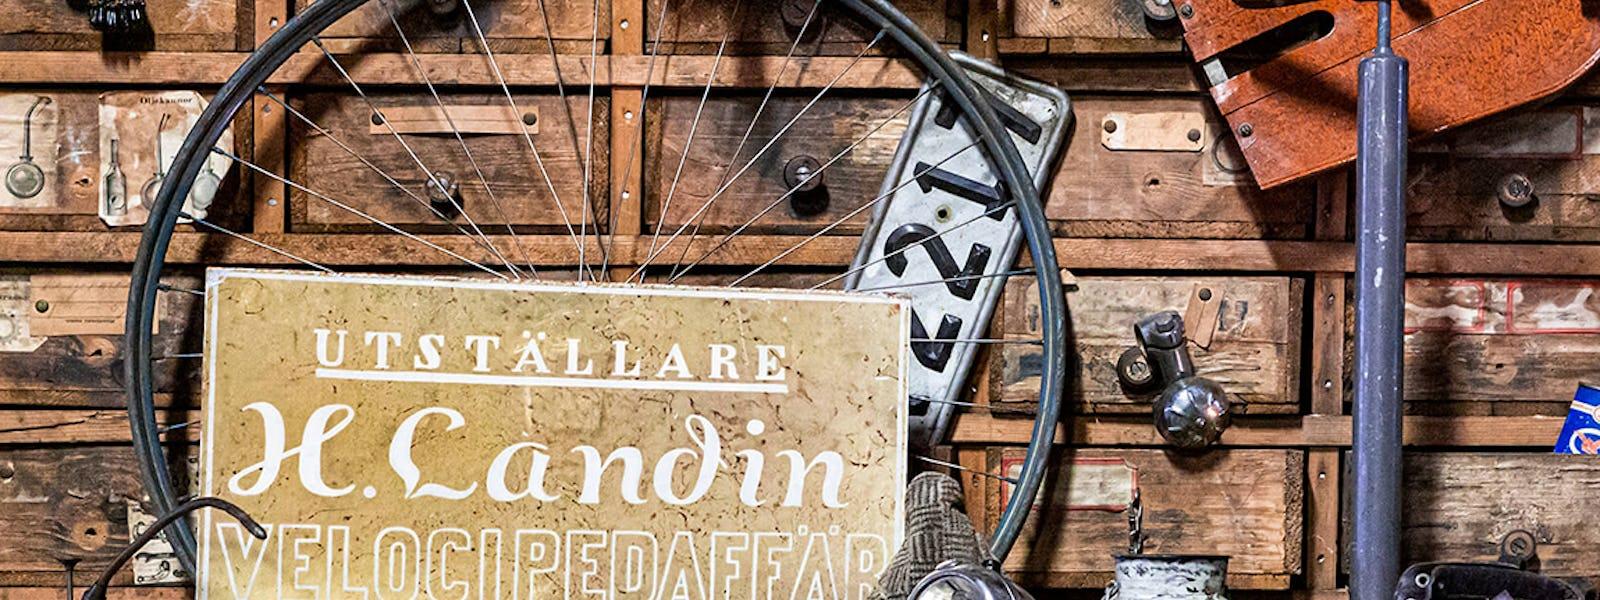 Bild - Landins cykelverkstad